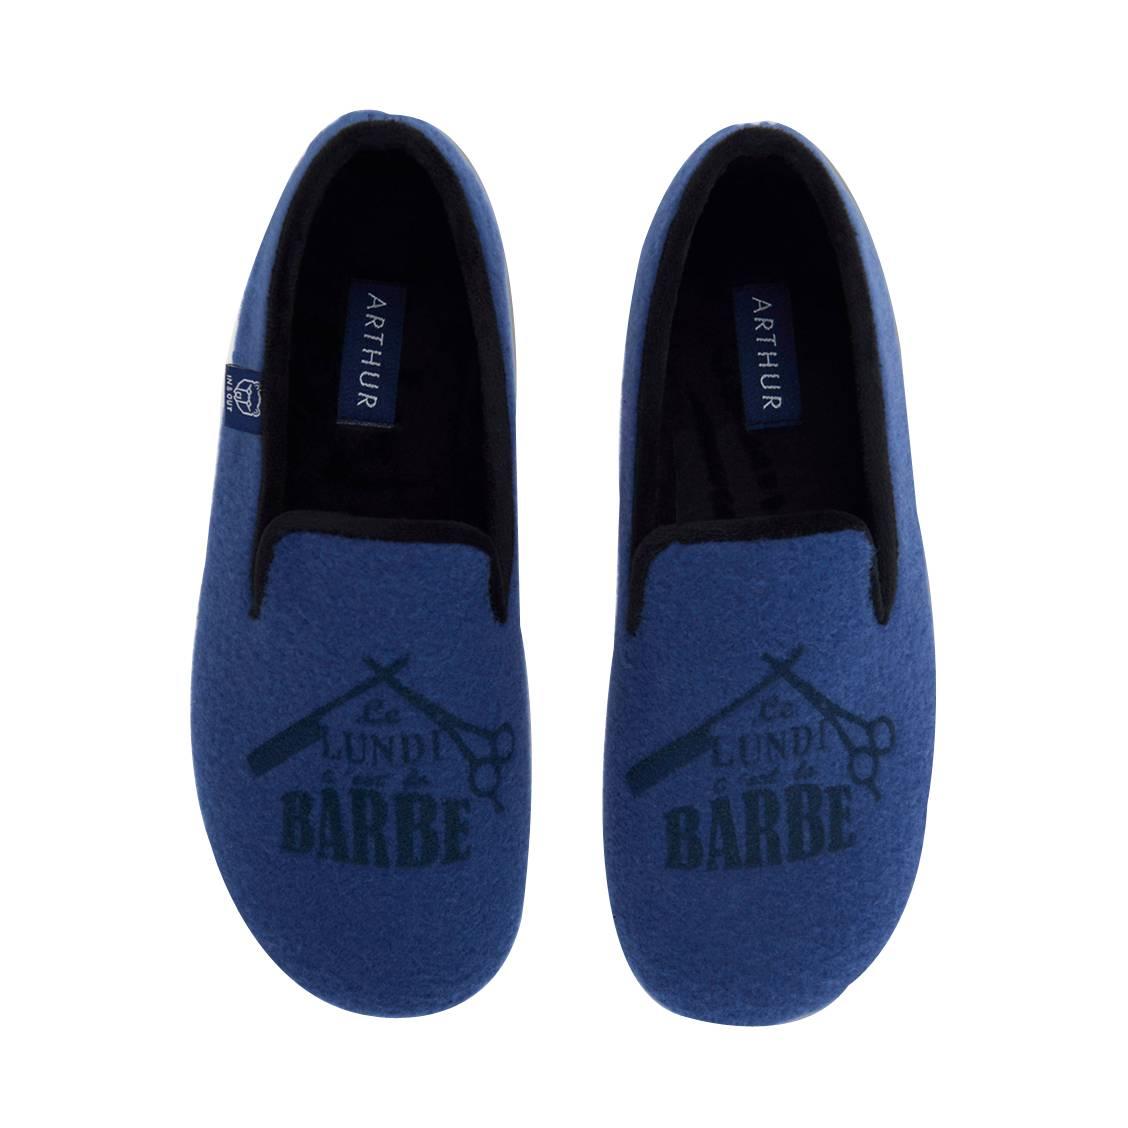 Chaussons Arthur Barbe bleu pétrole à motifs floqués Le lundi c'est la barbe